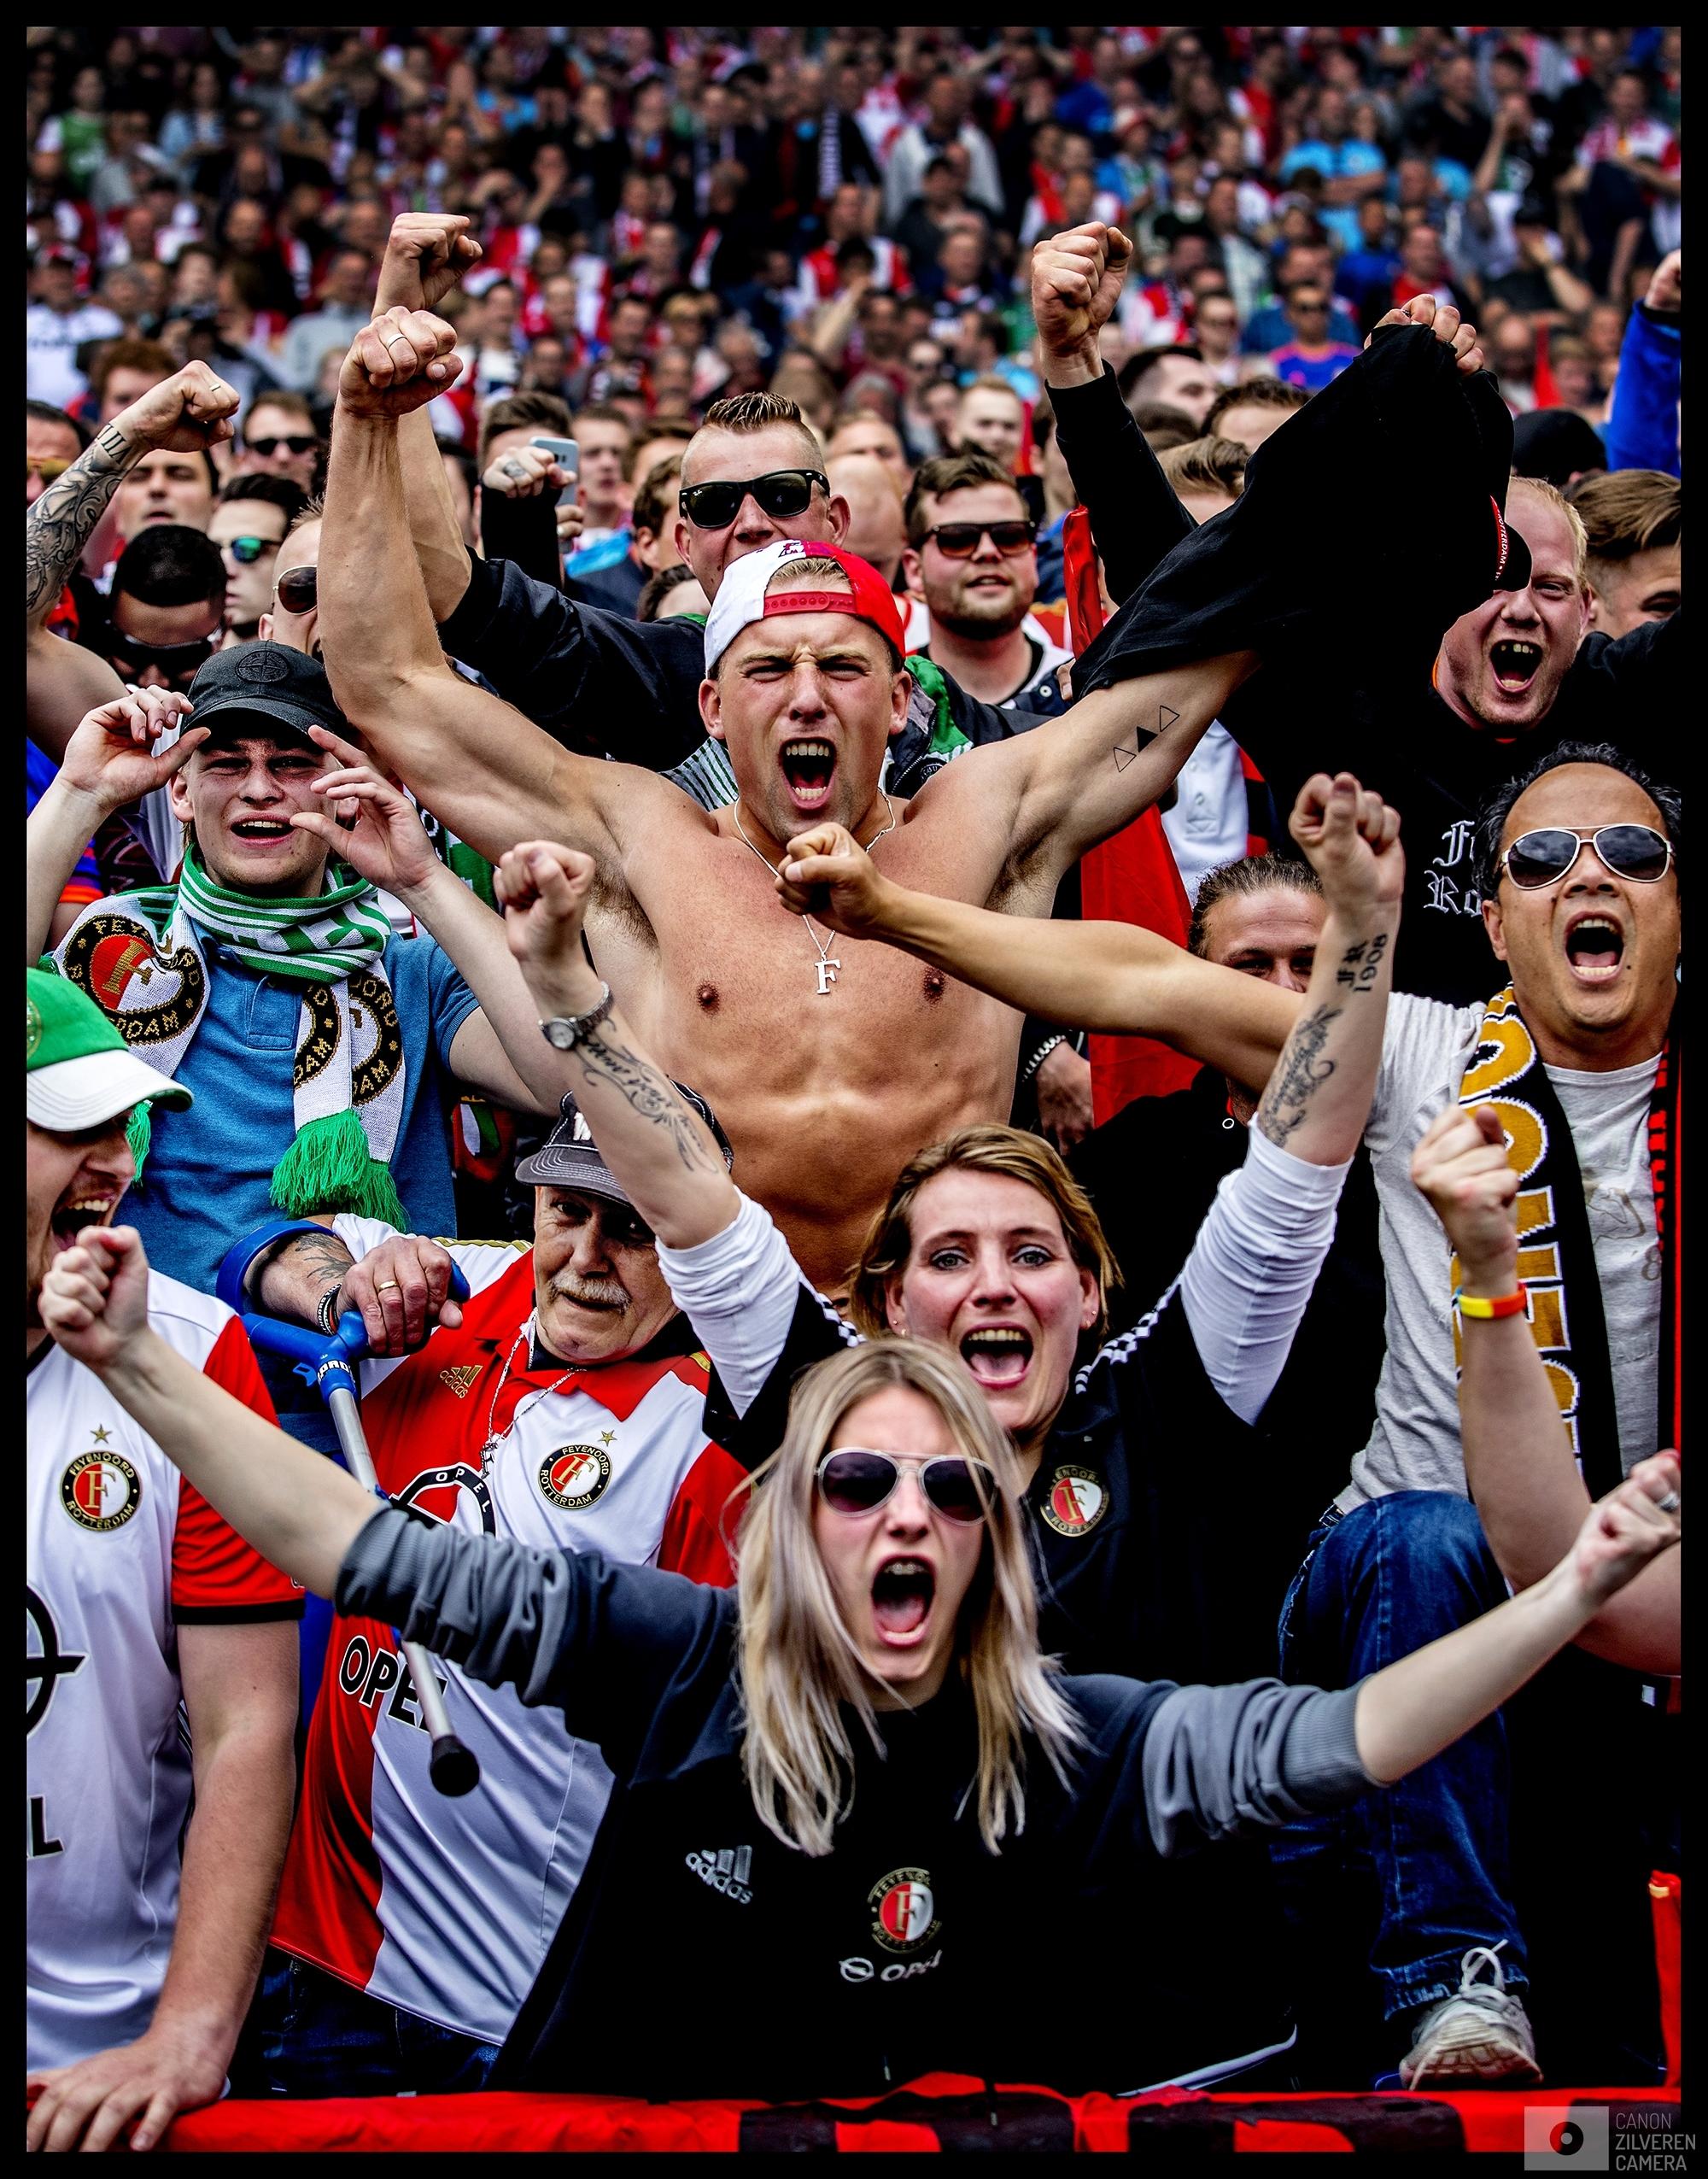 Nederland, Rotterdam, 14-05-2017Serie landskampioenschap Feyenoord seizoen 2016/2017Foto 2Voor aanvang van de kampioenswedstrijd in de Kuip tegen Heracles schud de Kuip al opa zijn grondvesten. Het Legioen is al uitzinnig voordat Dirk Kuyt in de eerste minuut al de 1-0 zal scoren.